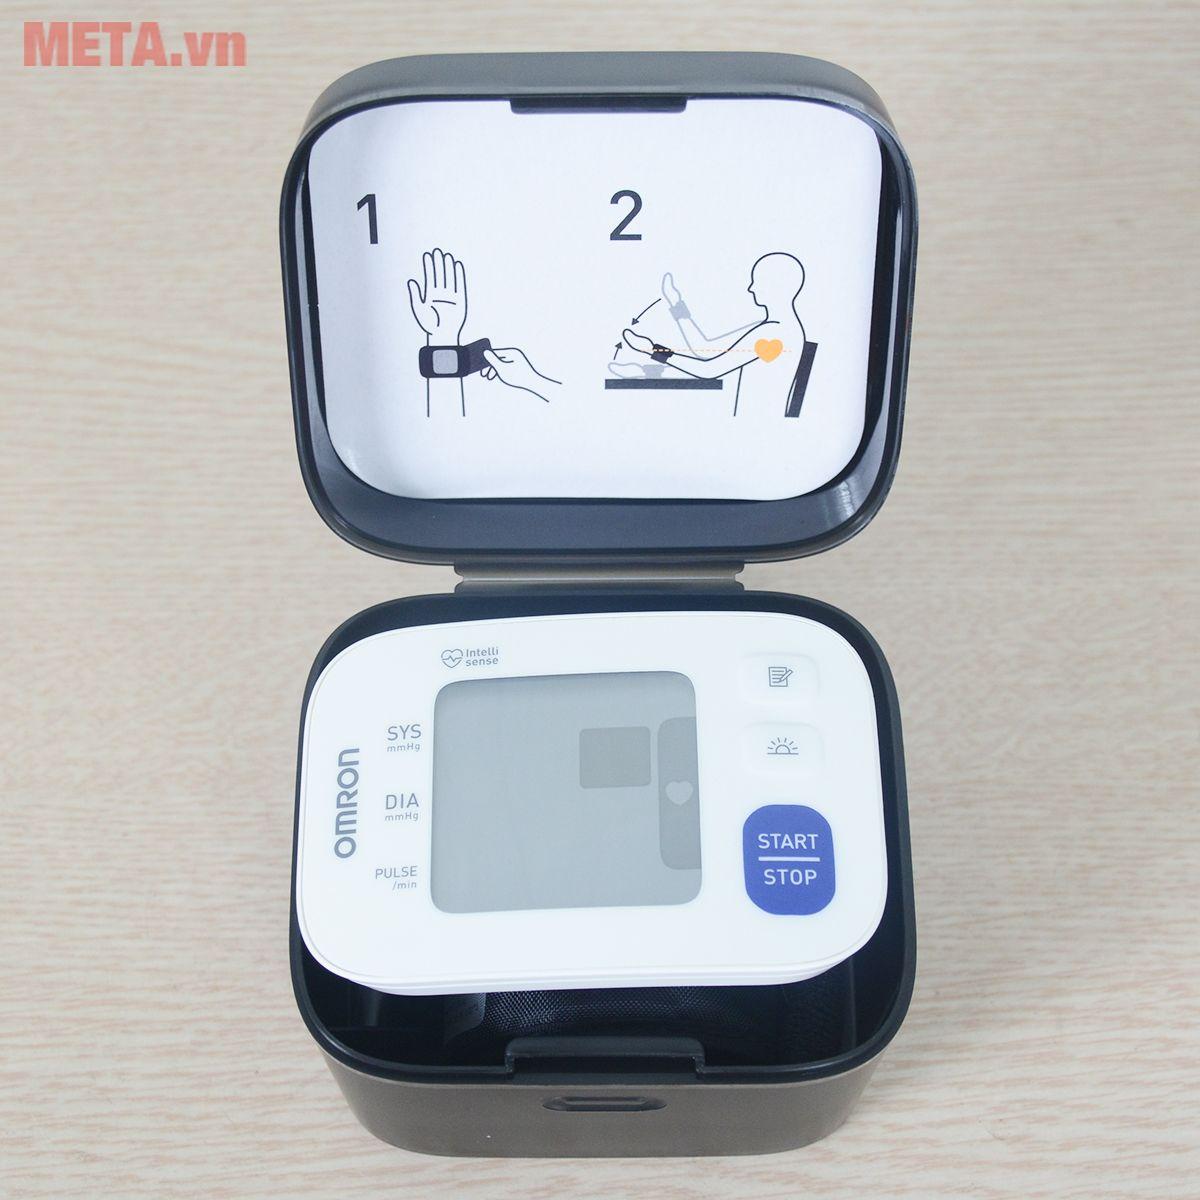 Máy đo huyết áp cổ tay Omron HEM - 6181